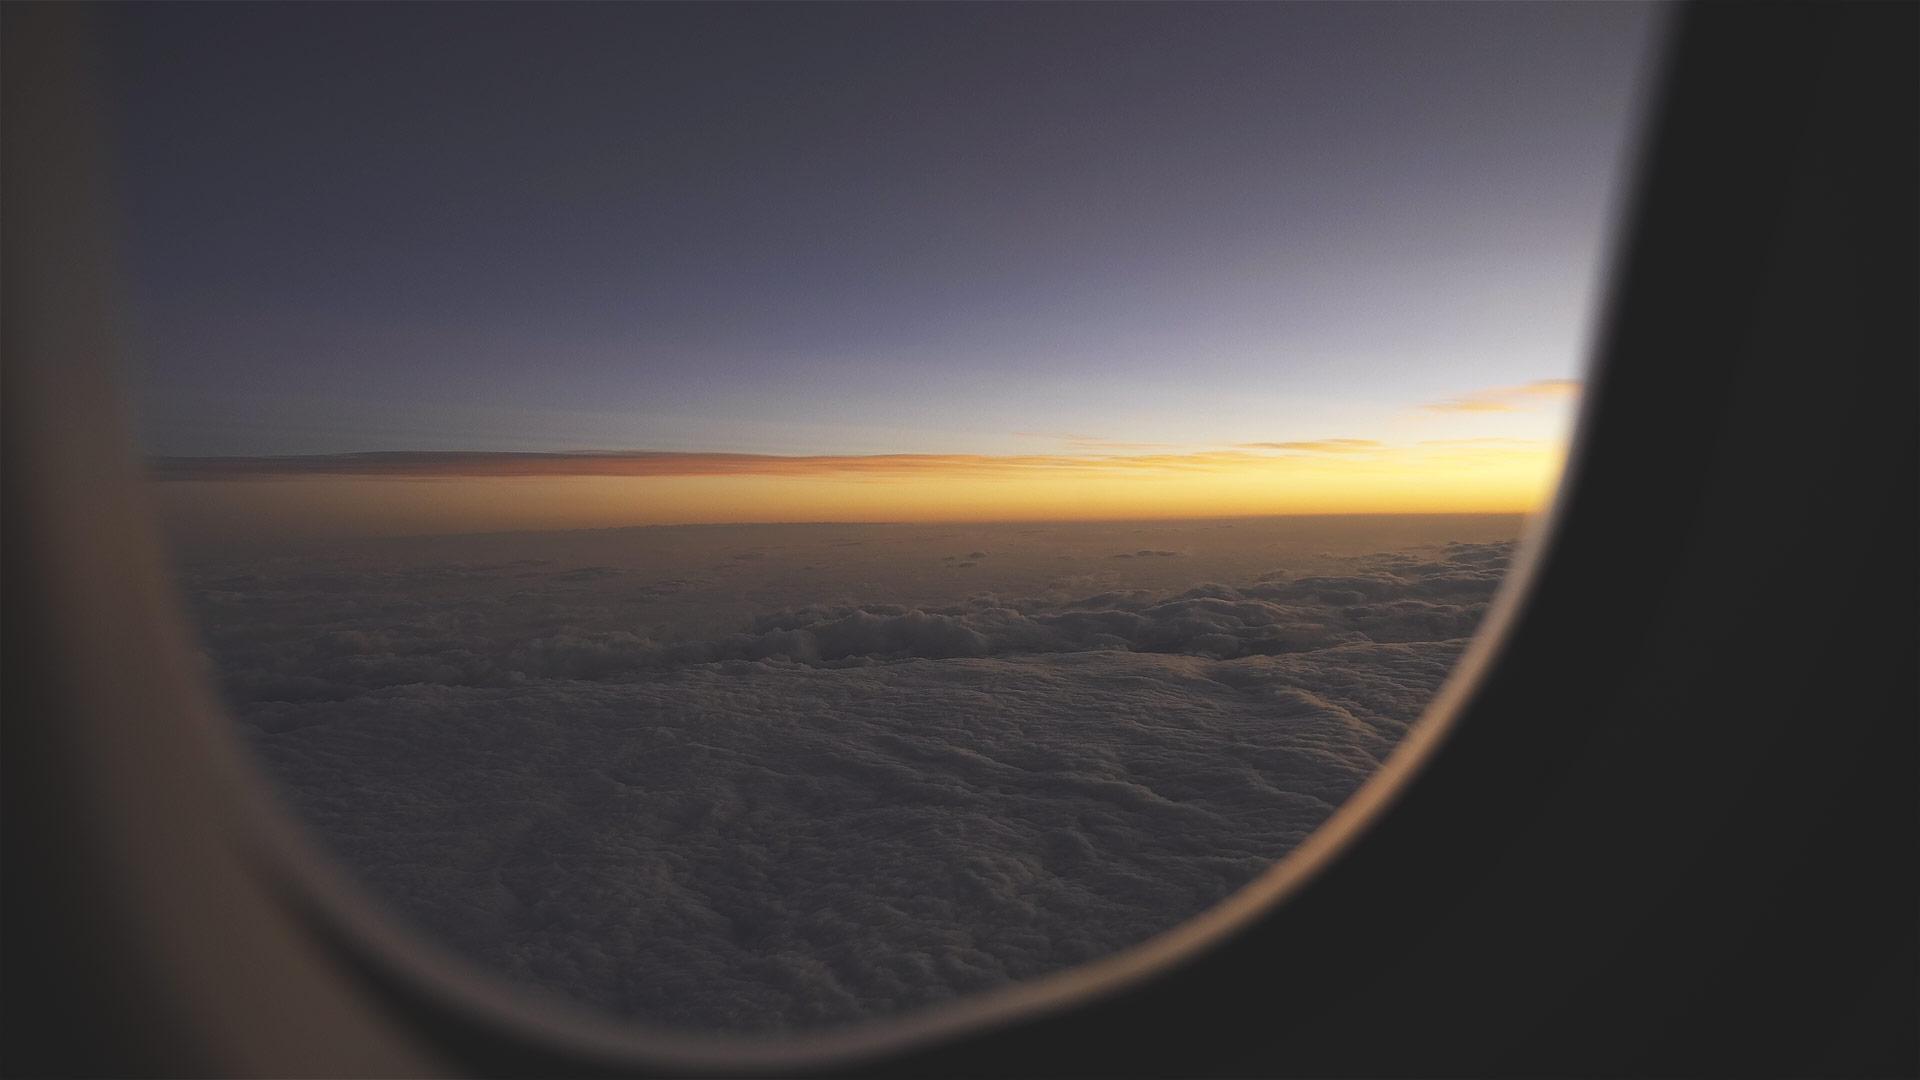 Sonnenaufgang im Flugzeug vor der Landung in Bangkok